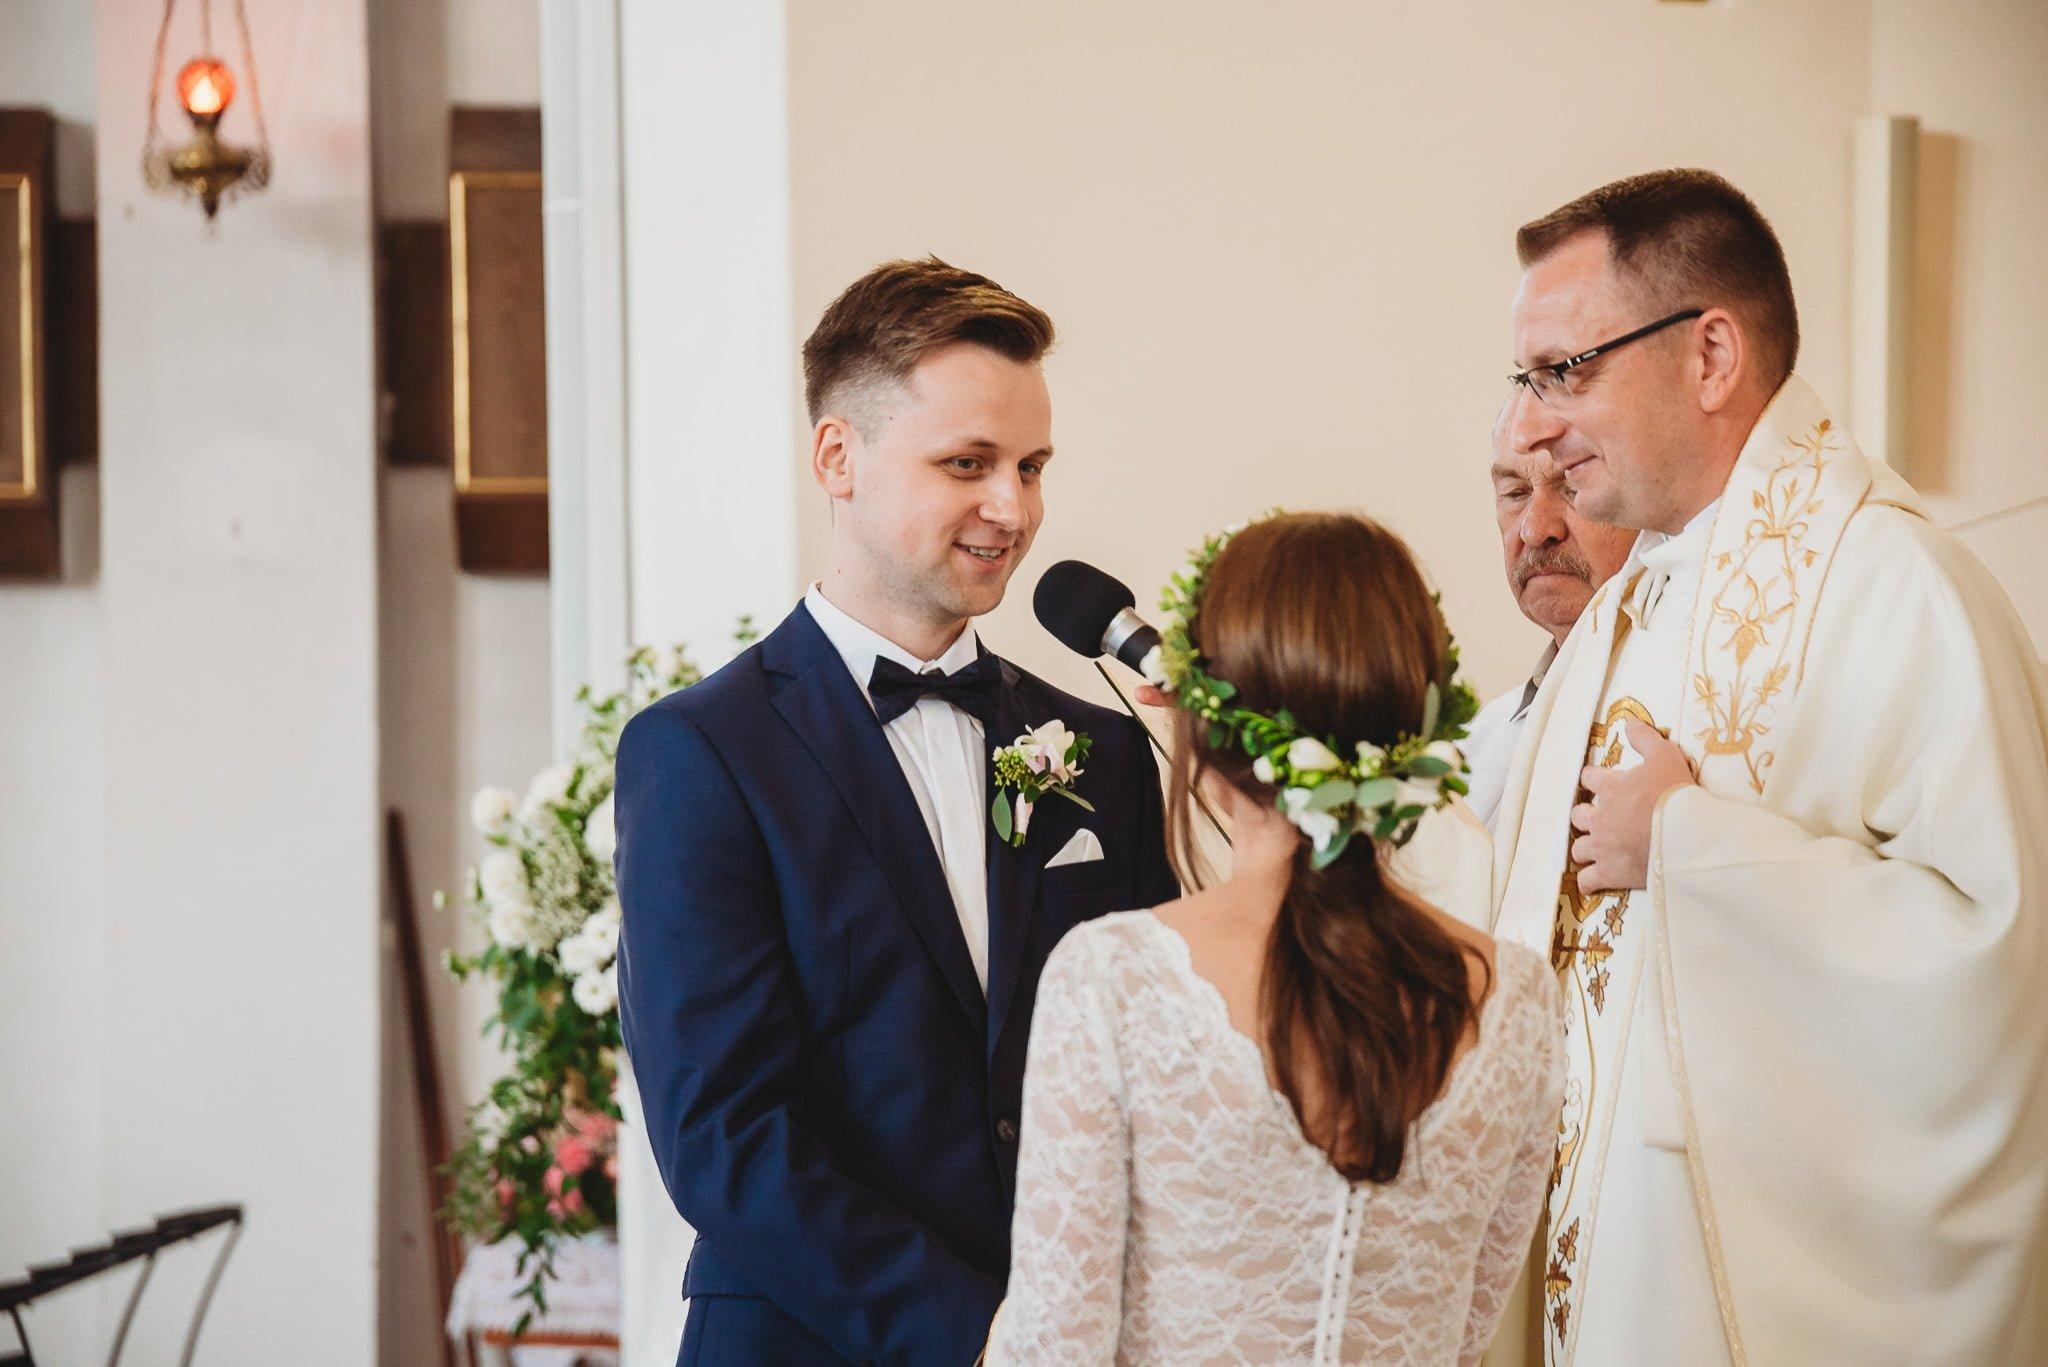 Fantastyczny ślub w stylu rustykalnym, wesele w Kapitańskiej  fotograf ślubny Konin 113